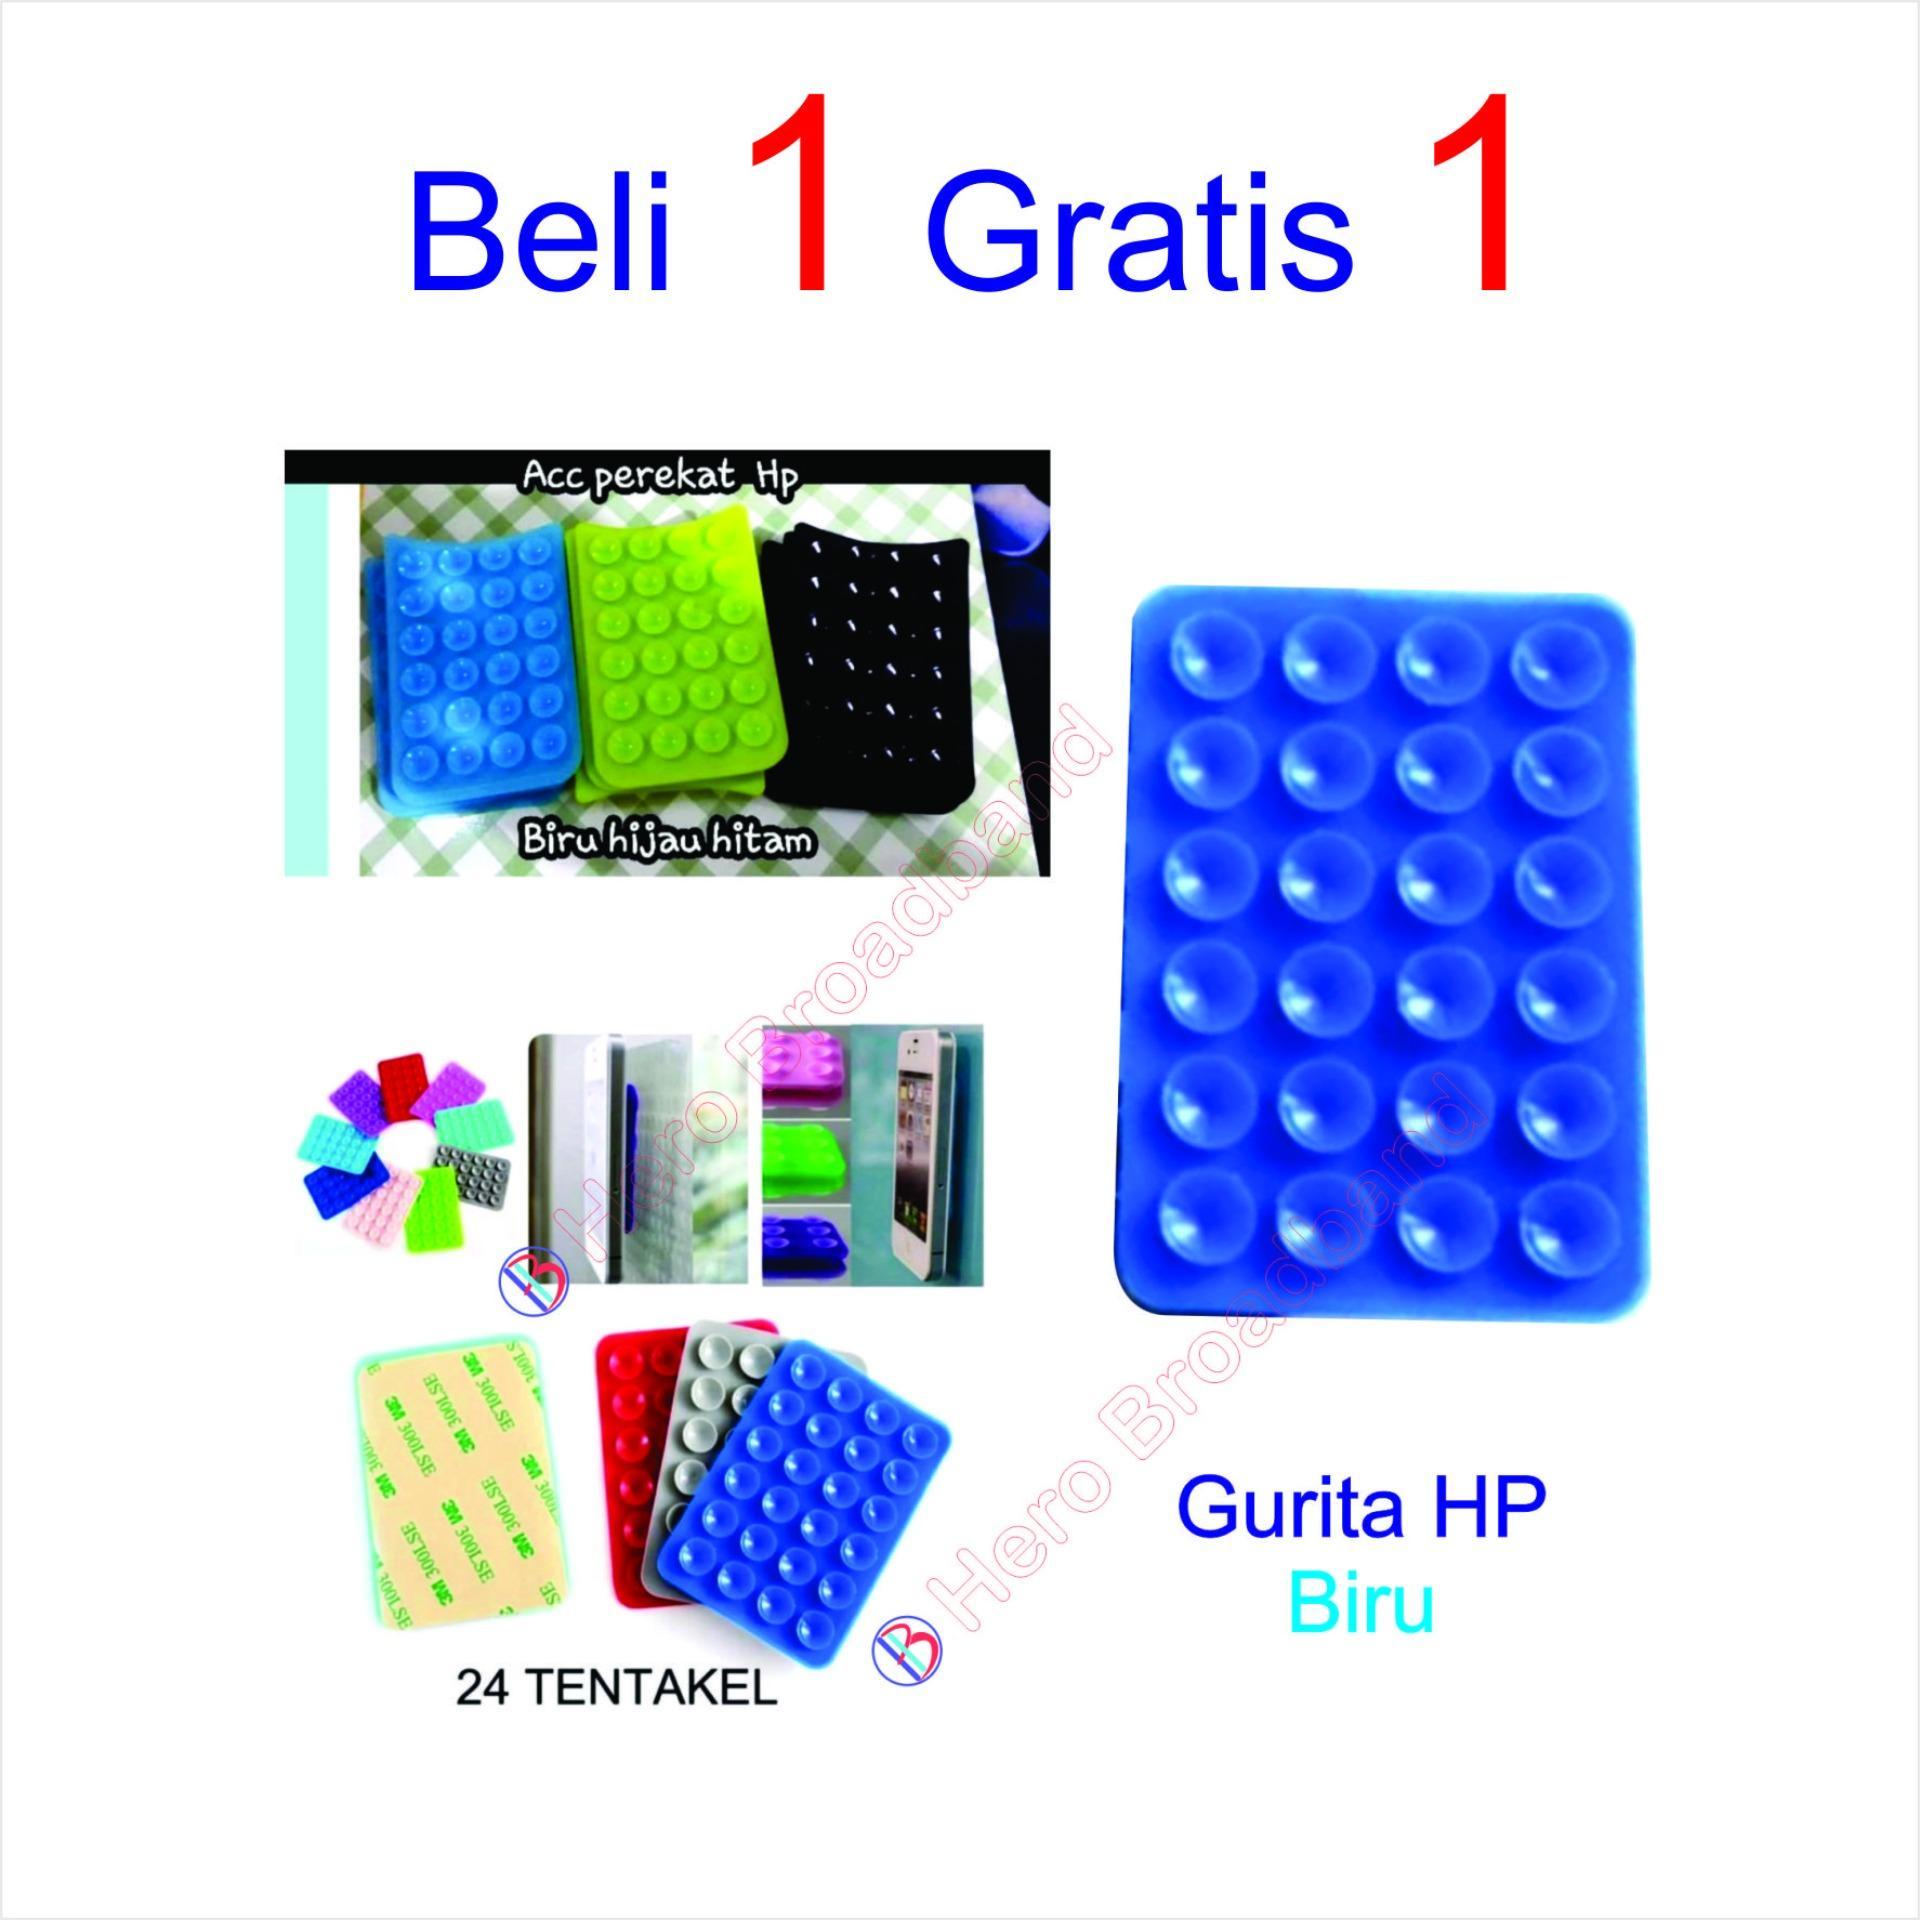 ... HB Tempelan Belakang HP Stand Holder Gurita 24 Tentakel Beli 1 gratis 1 ...